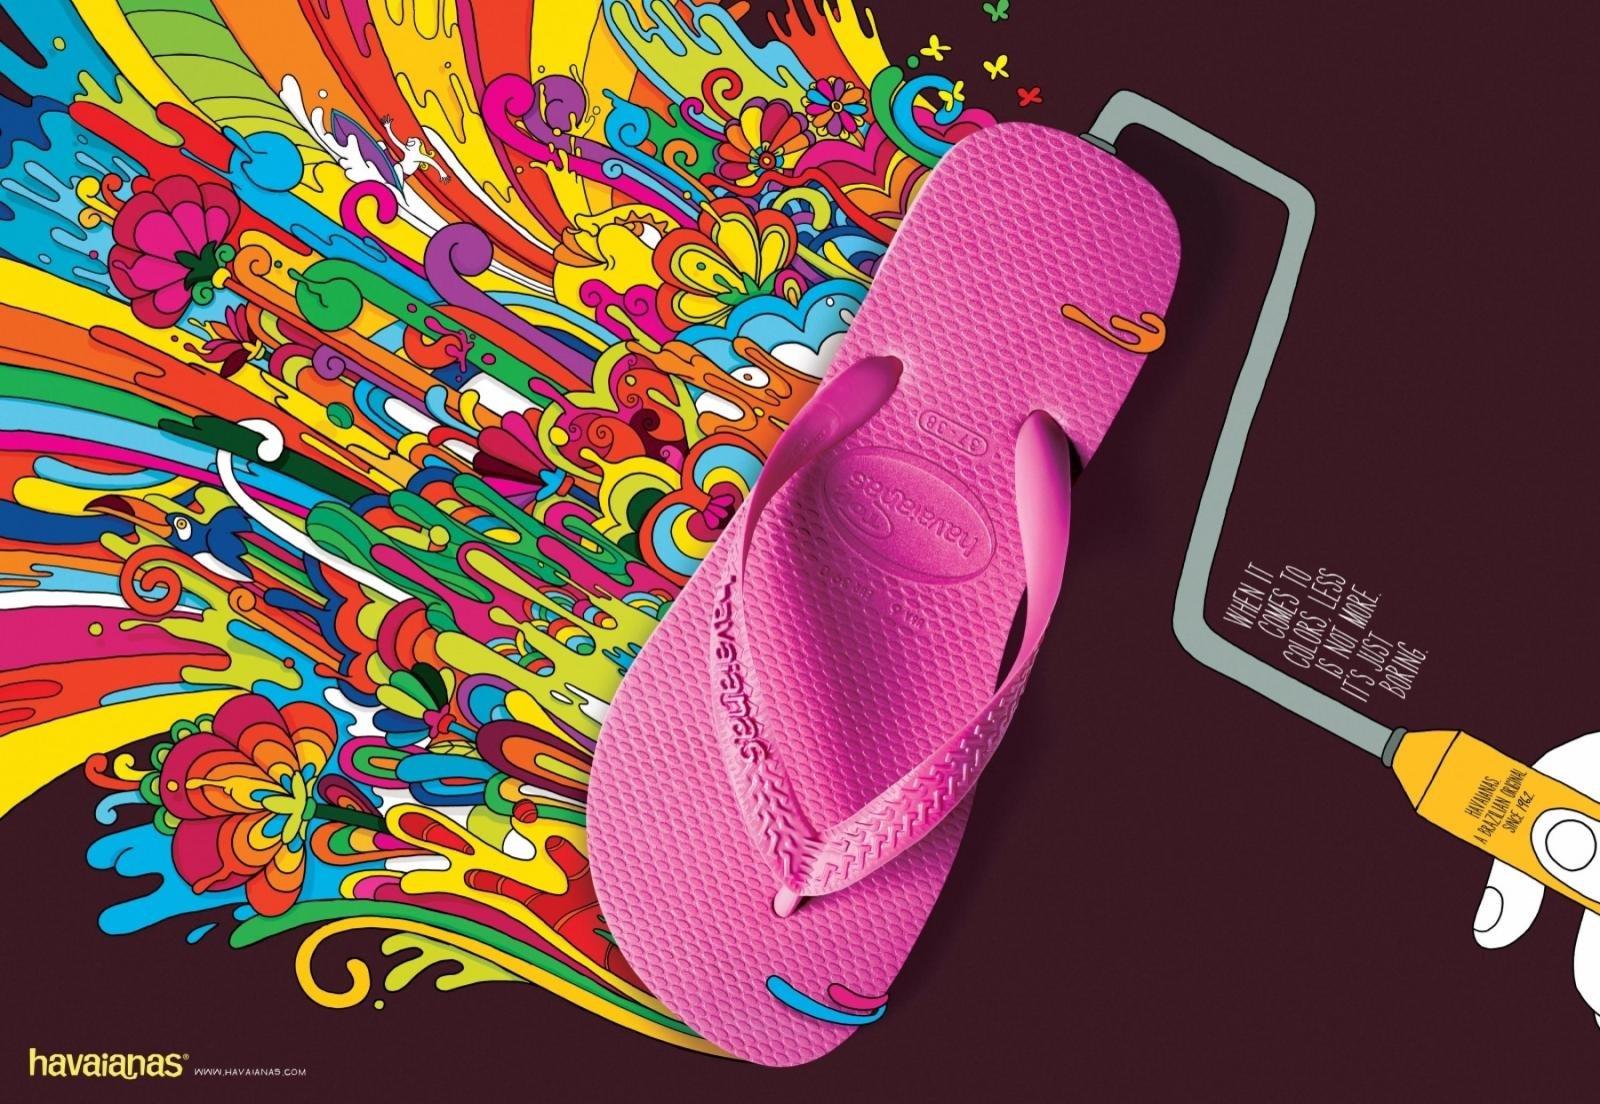 音乐资讯_Havaianas人字拖鞋创意广告 - 设计之家